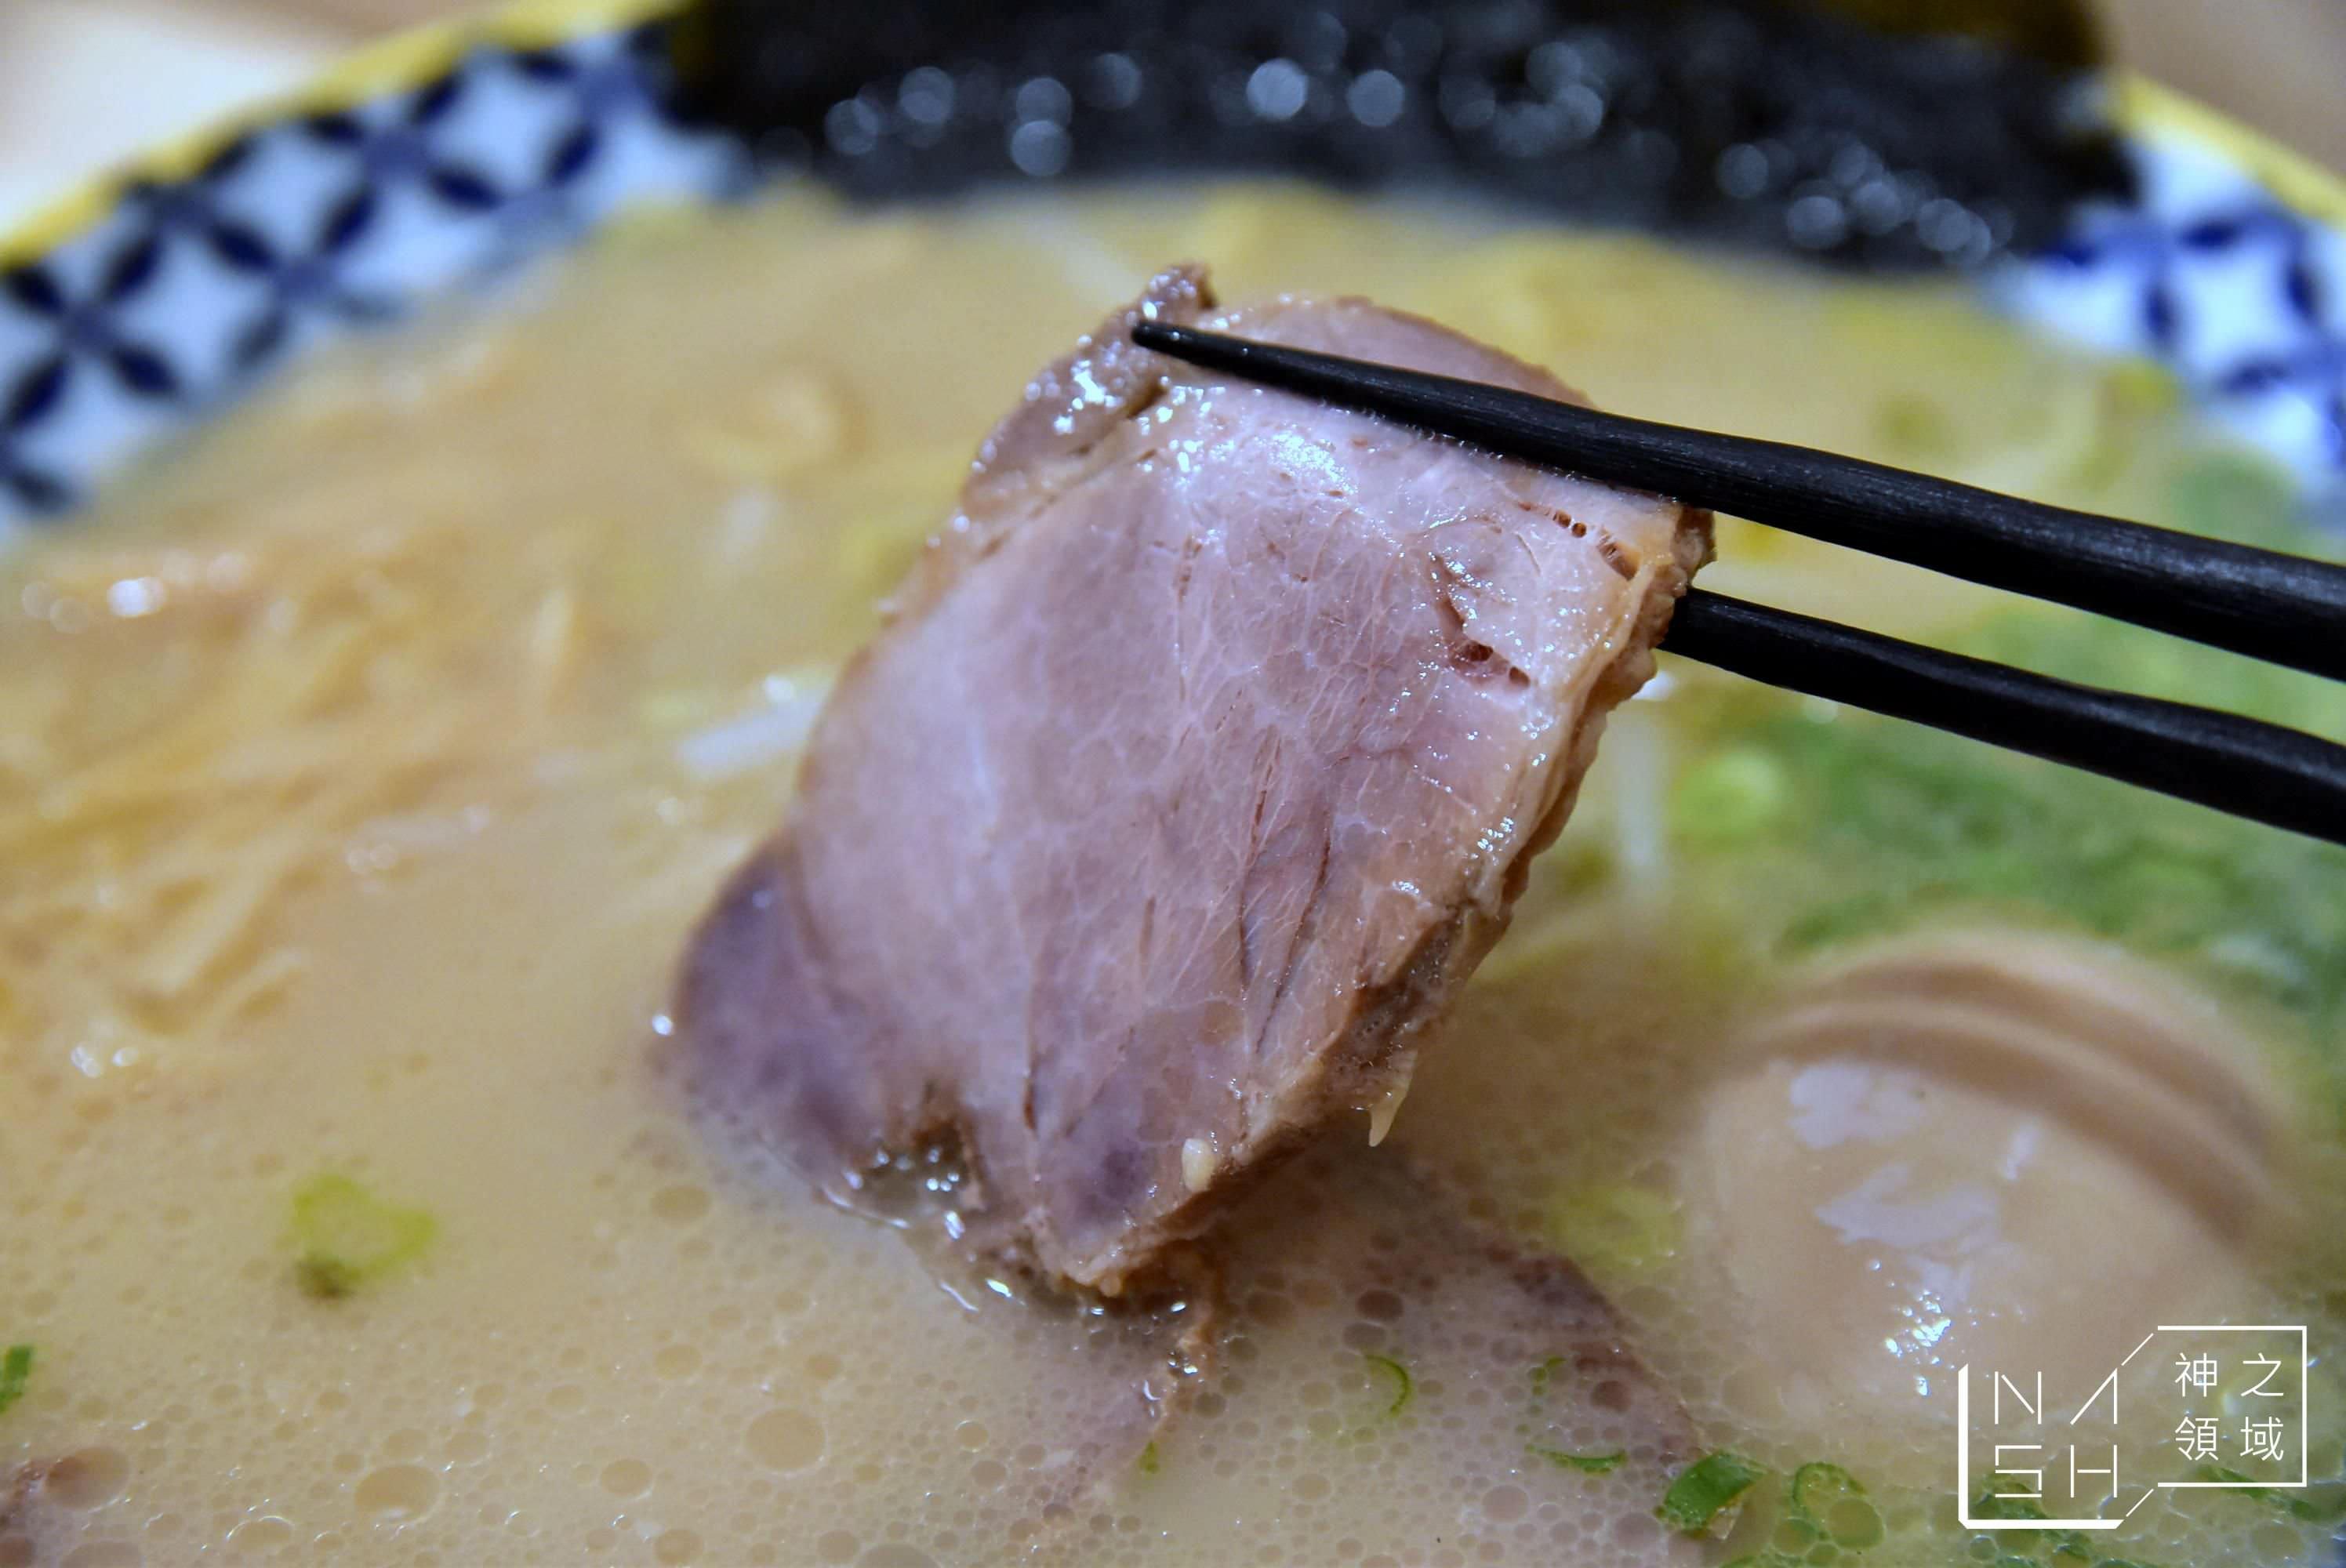 壹番堂拉麵,壹番堂日本料理,壹番堂